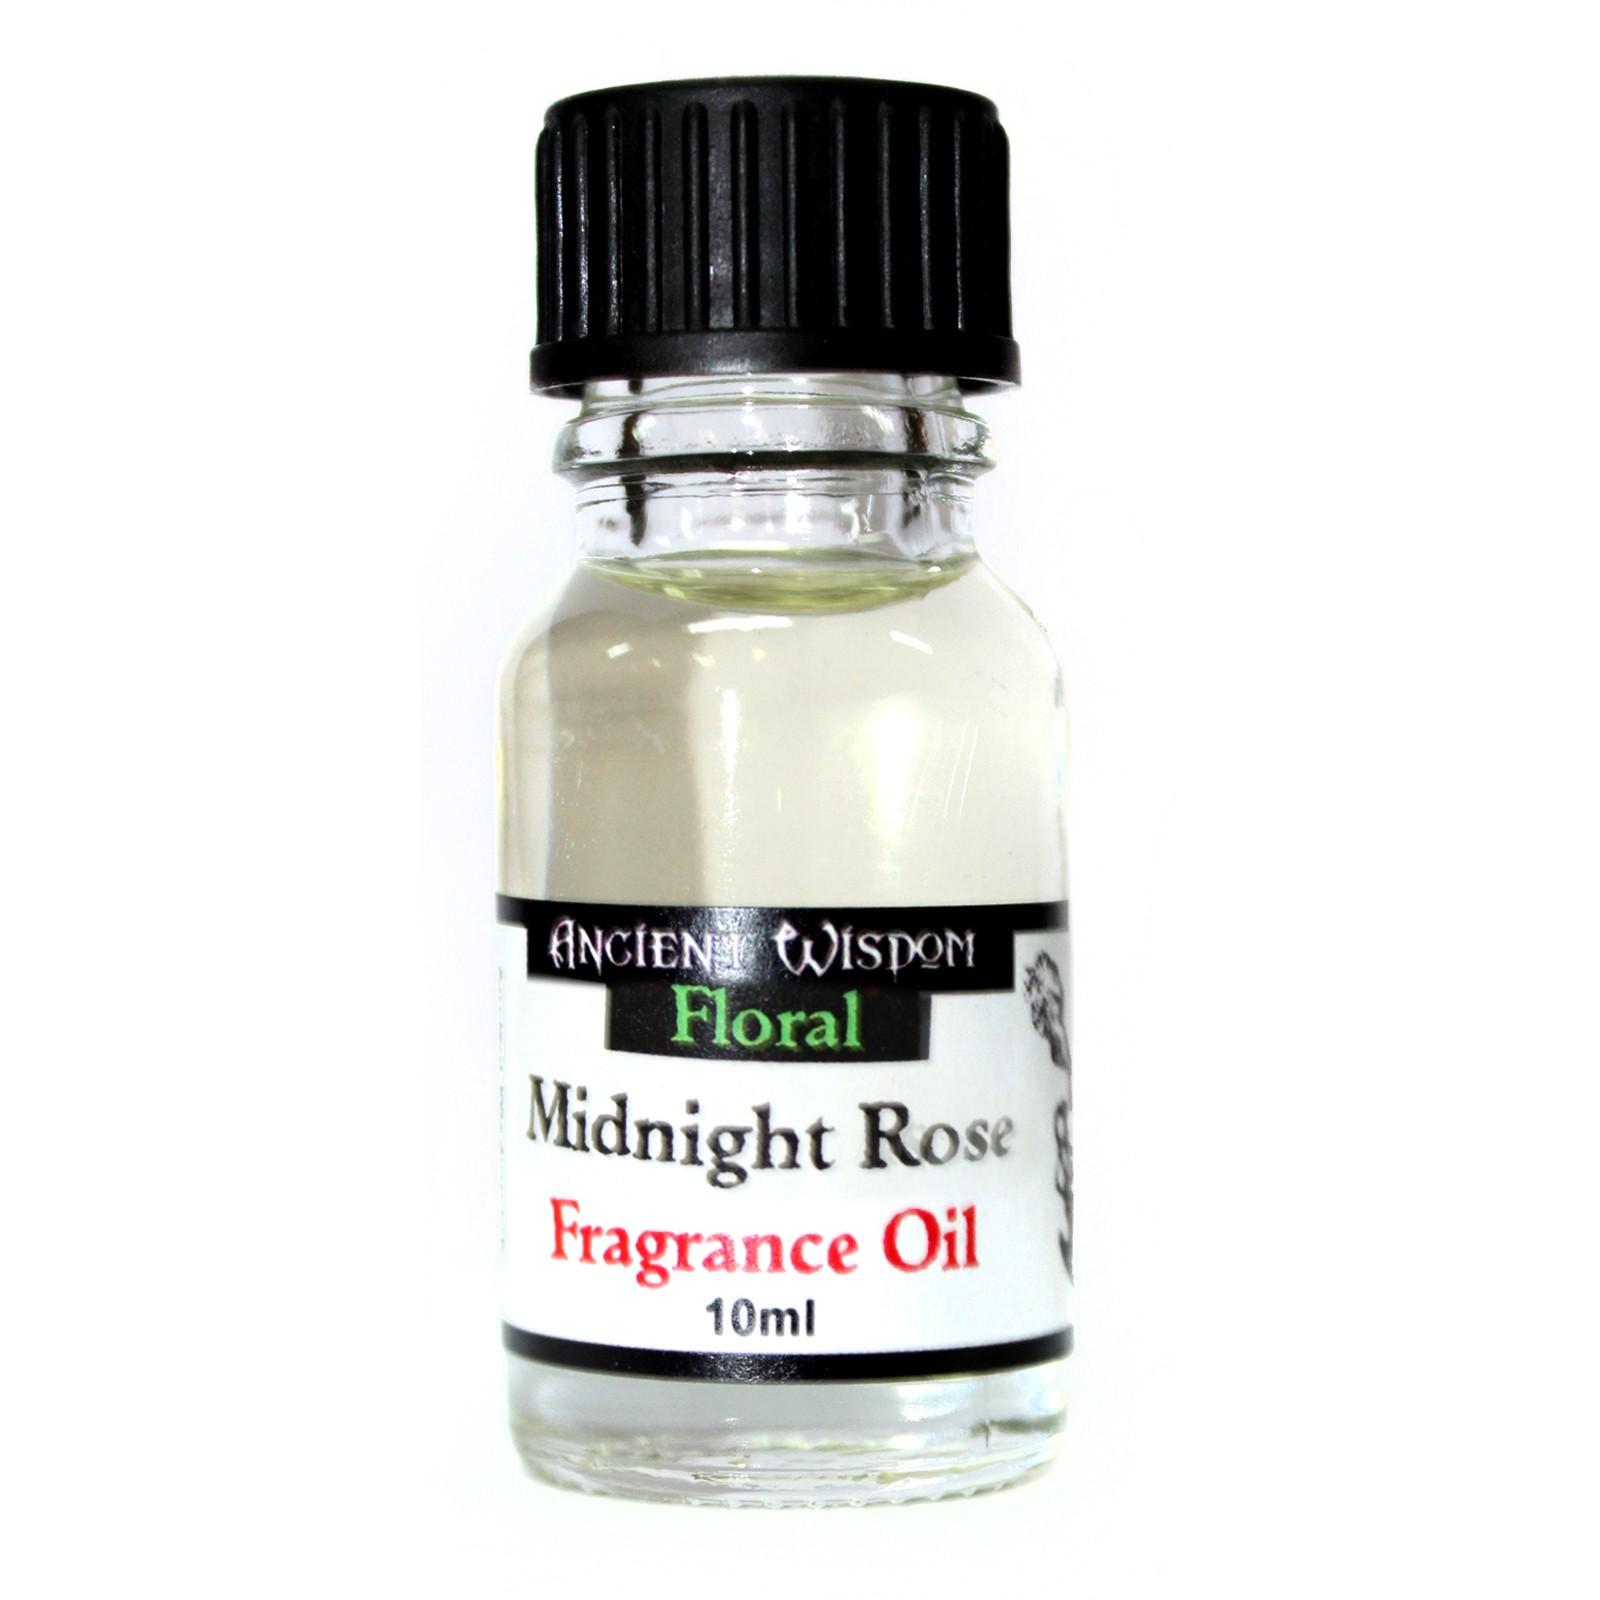 10ml Midnight Rose Fragrance Oil